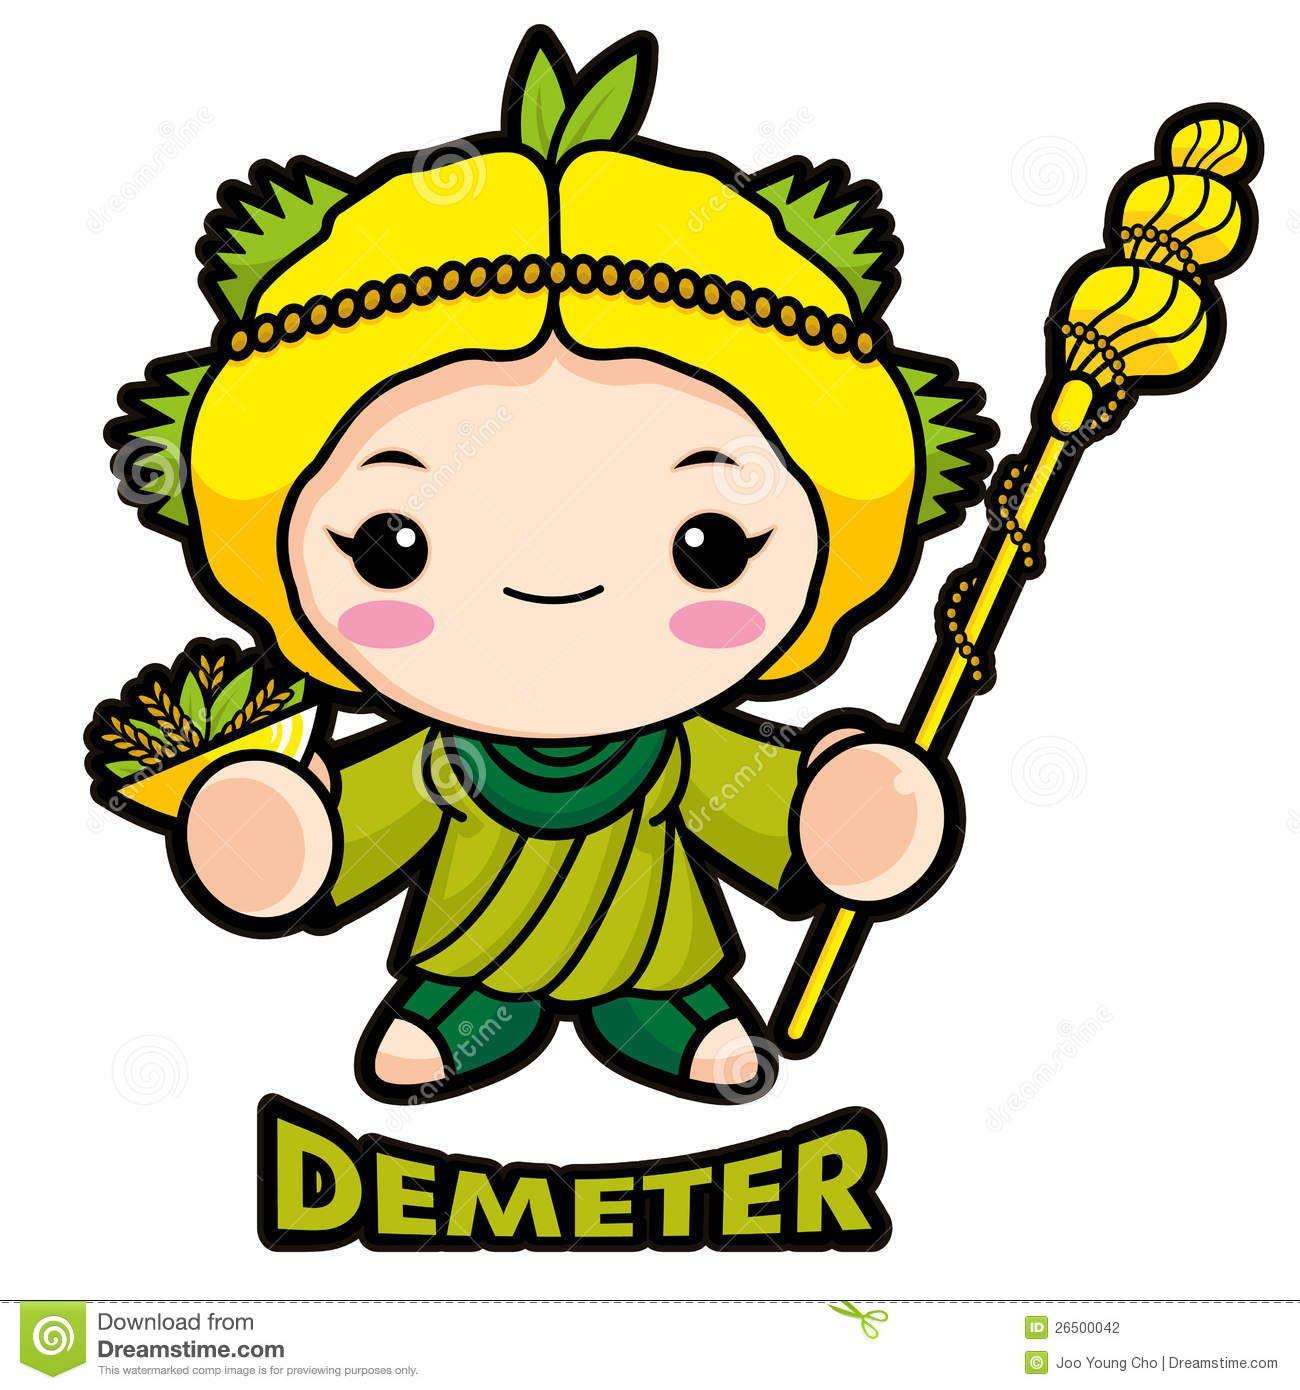 Demeter is de godin van de vruchtbaarheid, moeder van